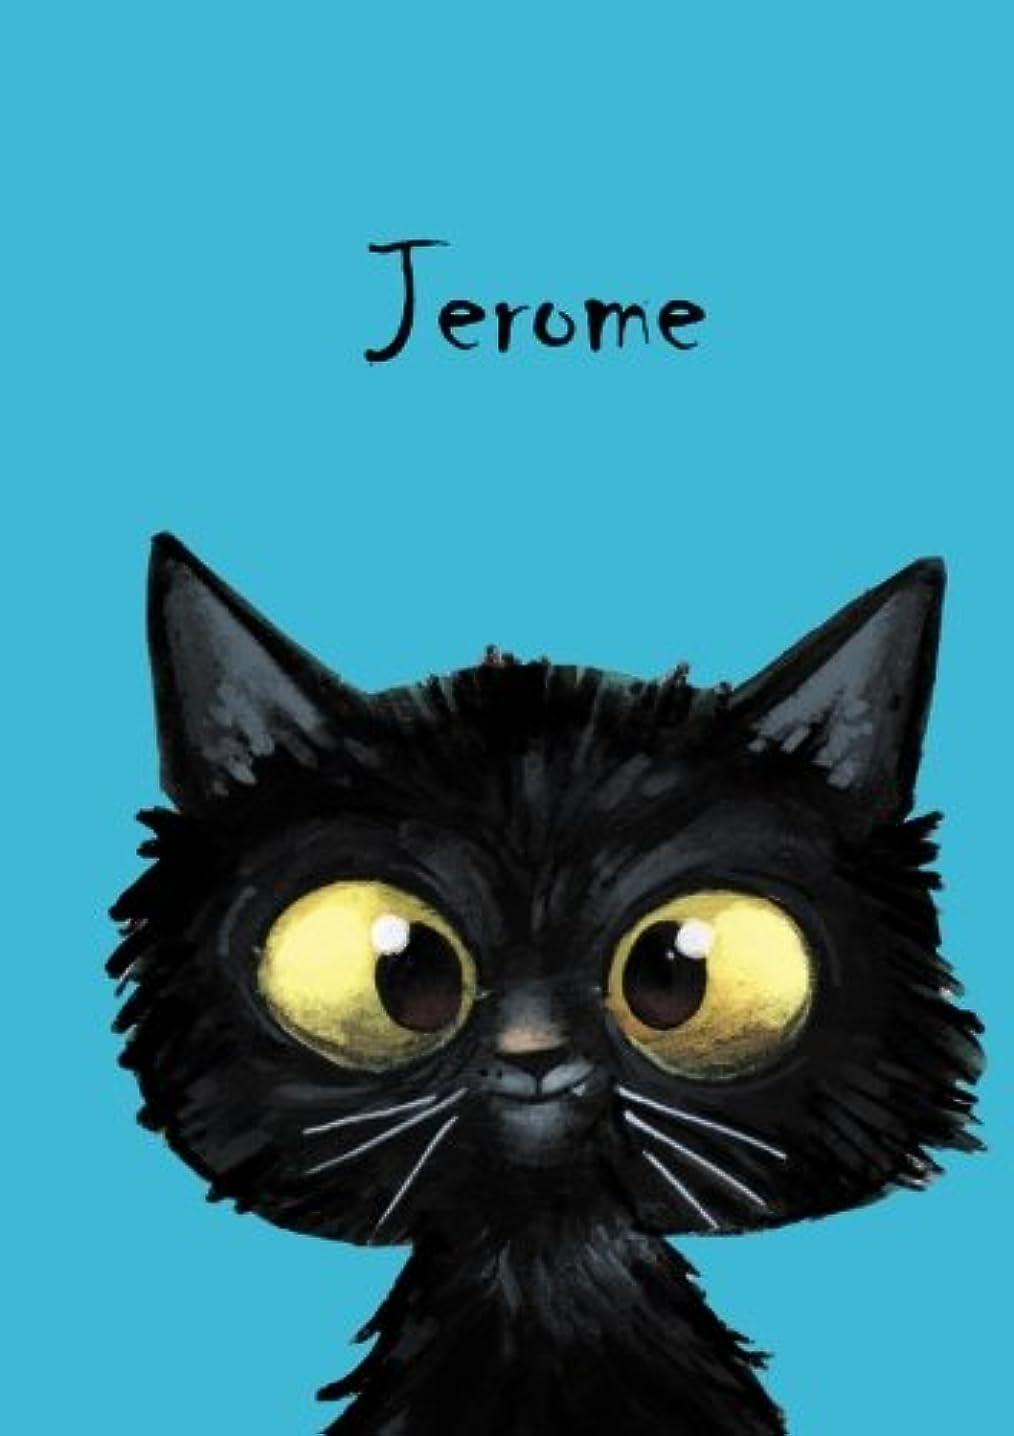 借りているクレジットスカートJerome: Personalisiertes Notizbuch, DIN A5, 80 blanko Seiten mit kleiner Katze auf jeder rechten unteren Seite. Durch Vornamen auf dem Cover, eine schoene kleine Aufmerksamkeit fuer Katzenfreunde. Mattes, handschmeichelndes Coverfinish. Ueber 2500 Namen bereits verf